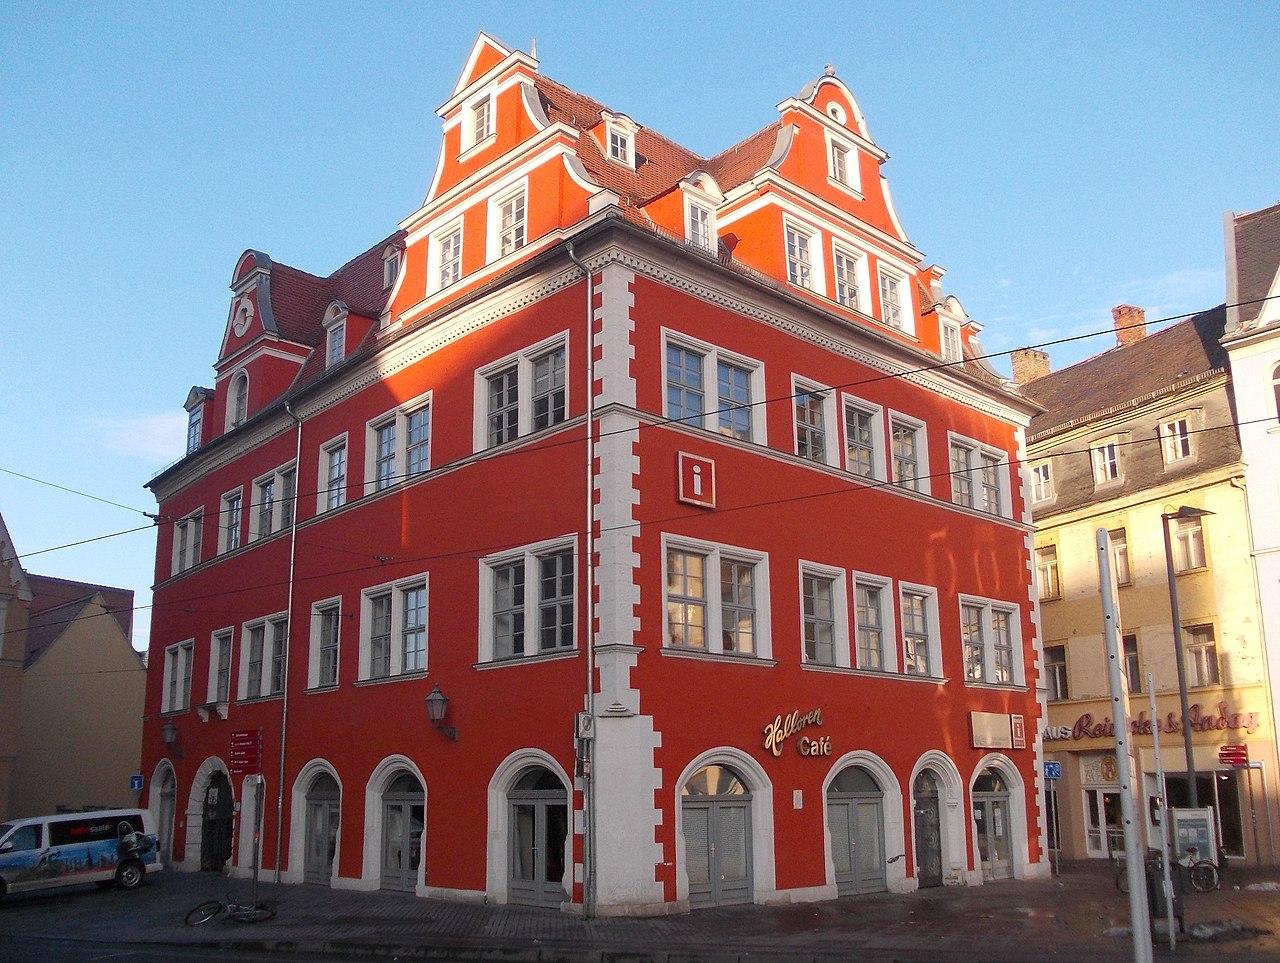 Cafe Am Markt In Werl  Ef Bf Bdffnungszeiten